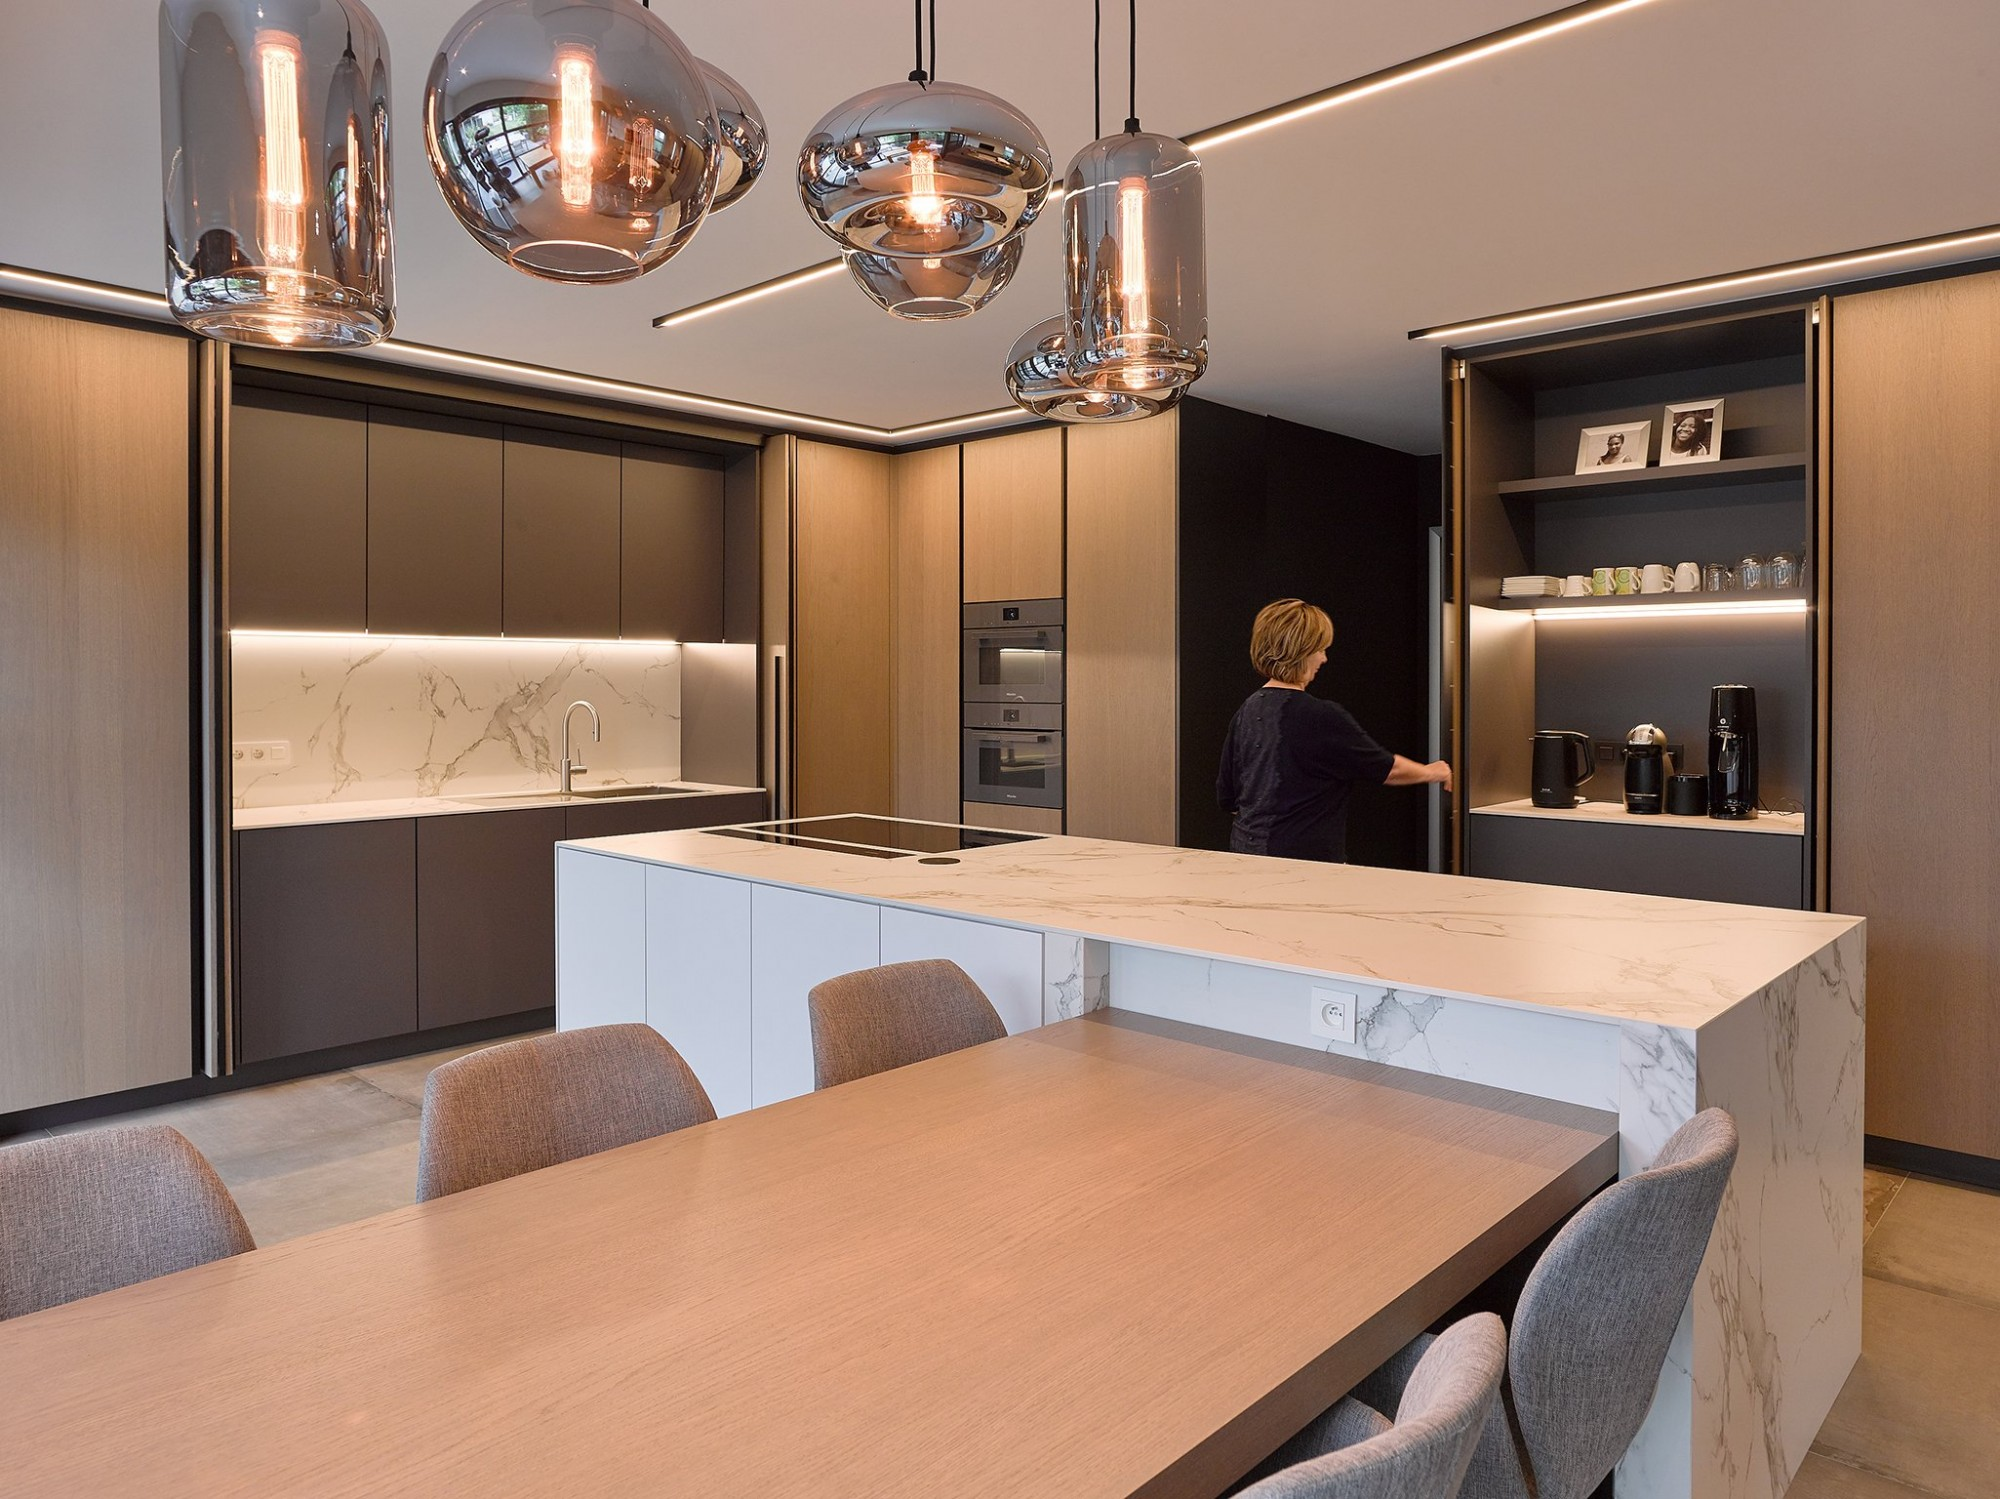 Afbeelding: Keuken fotografie voor Gyma, foto Van Huffel.